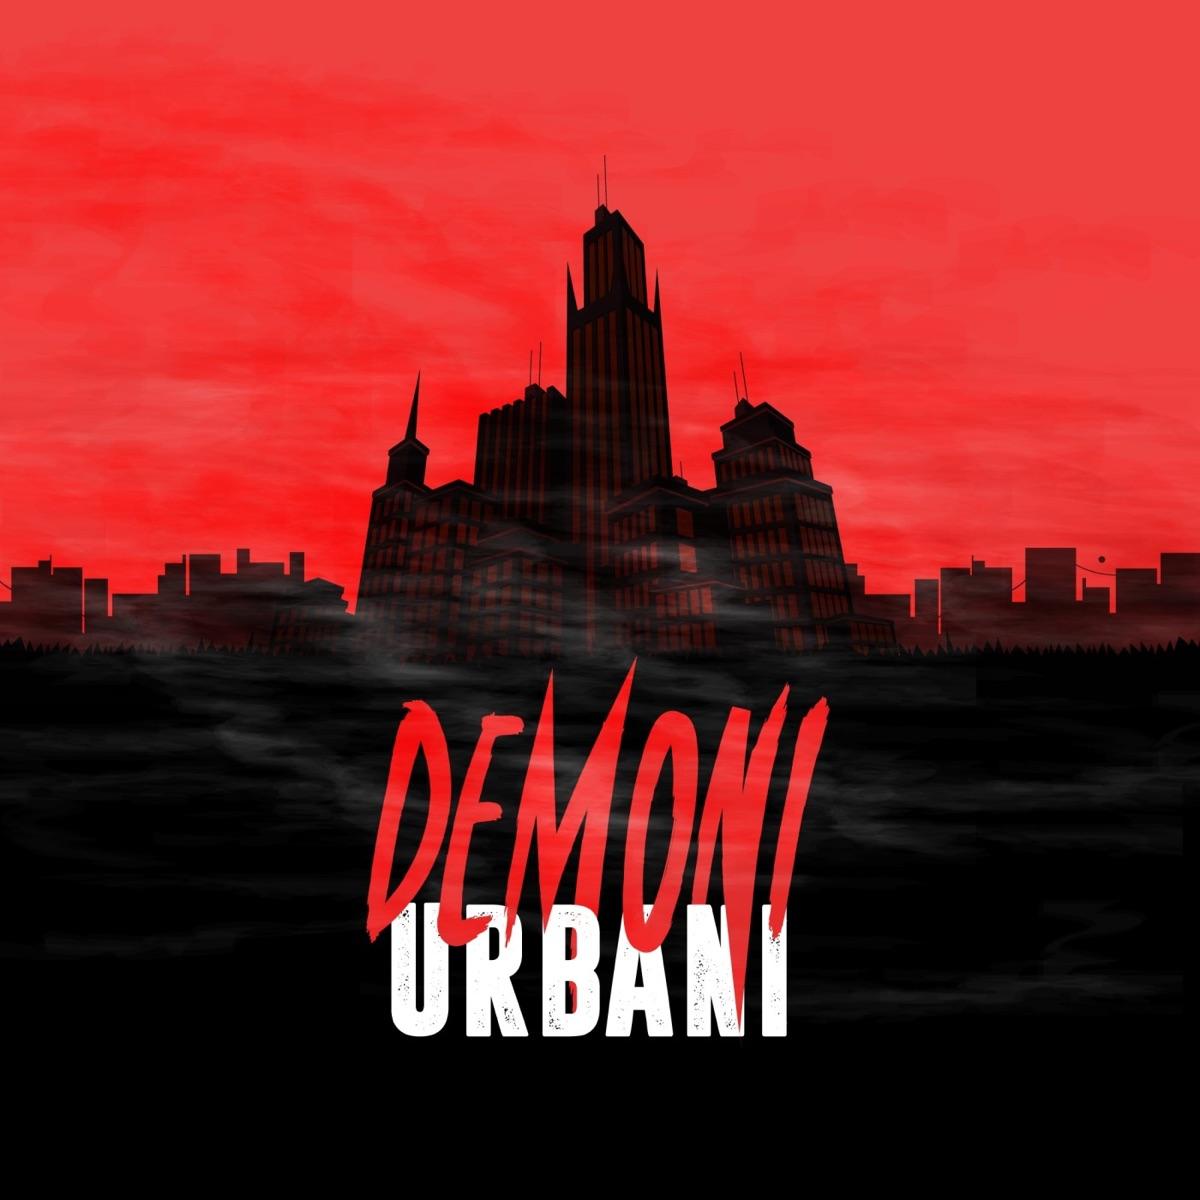 Demoni urbani